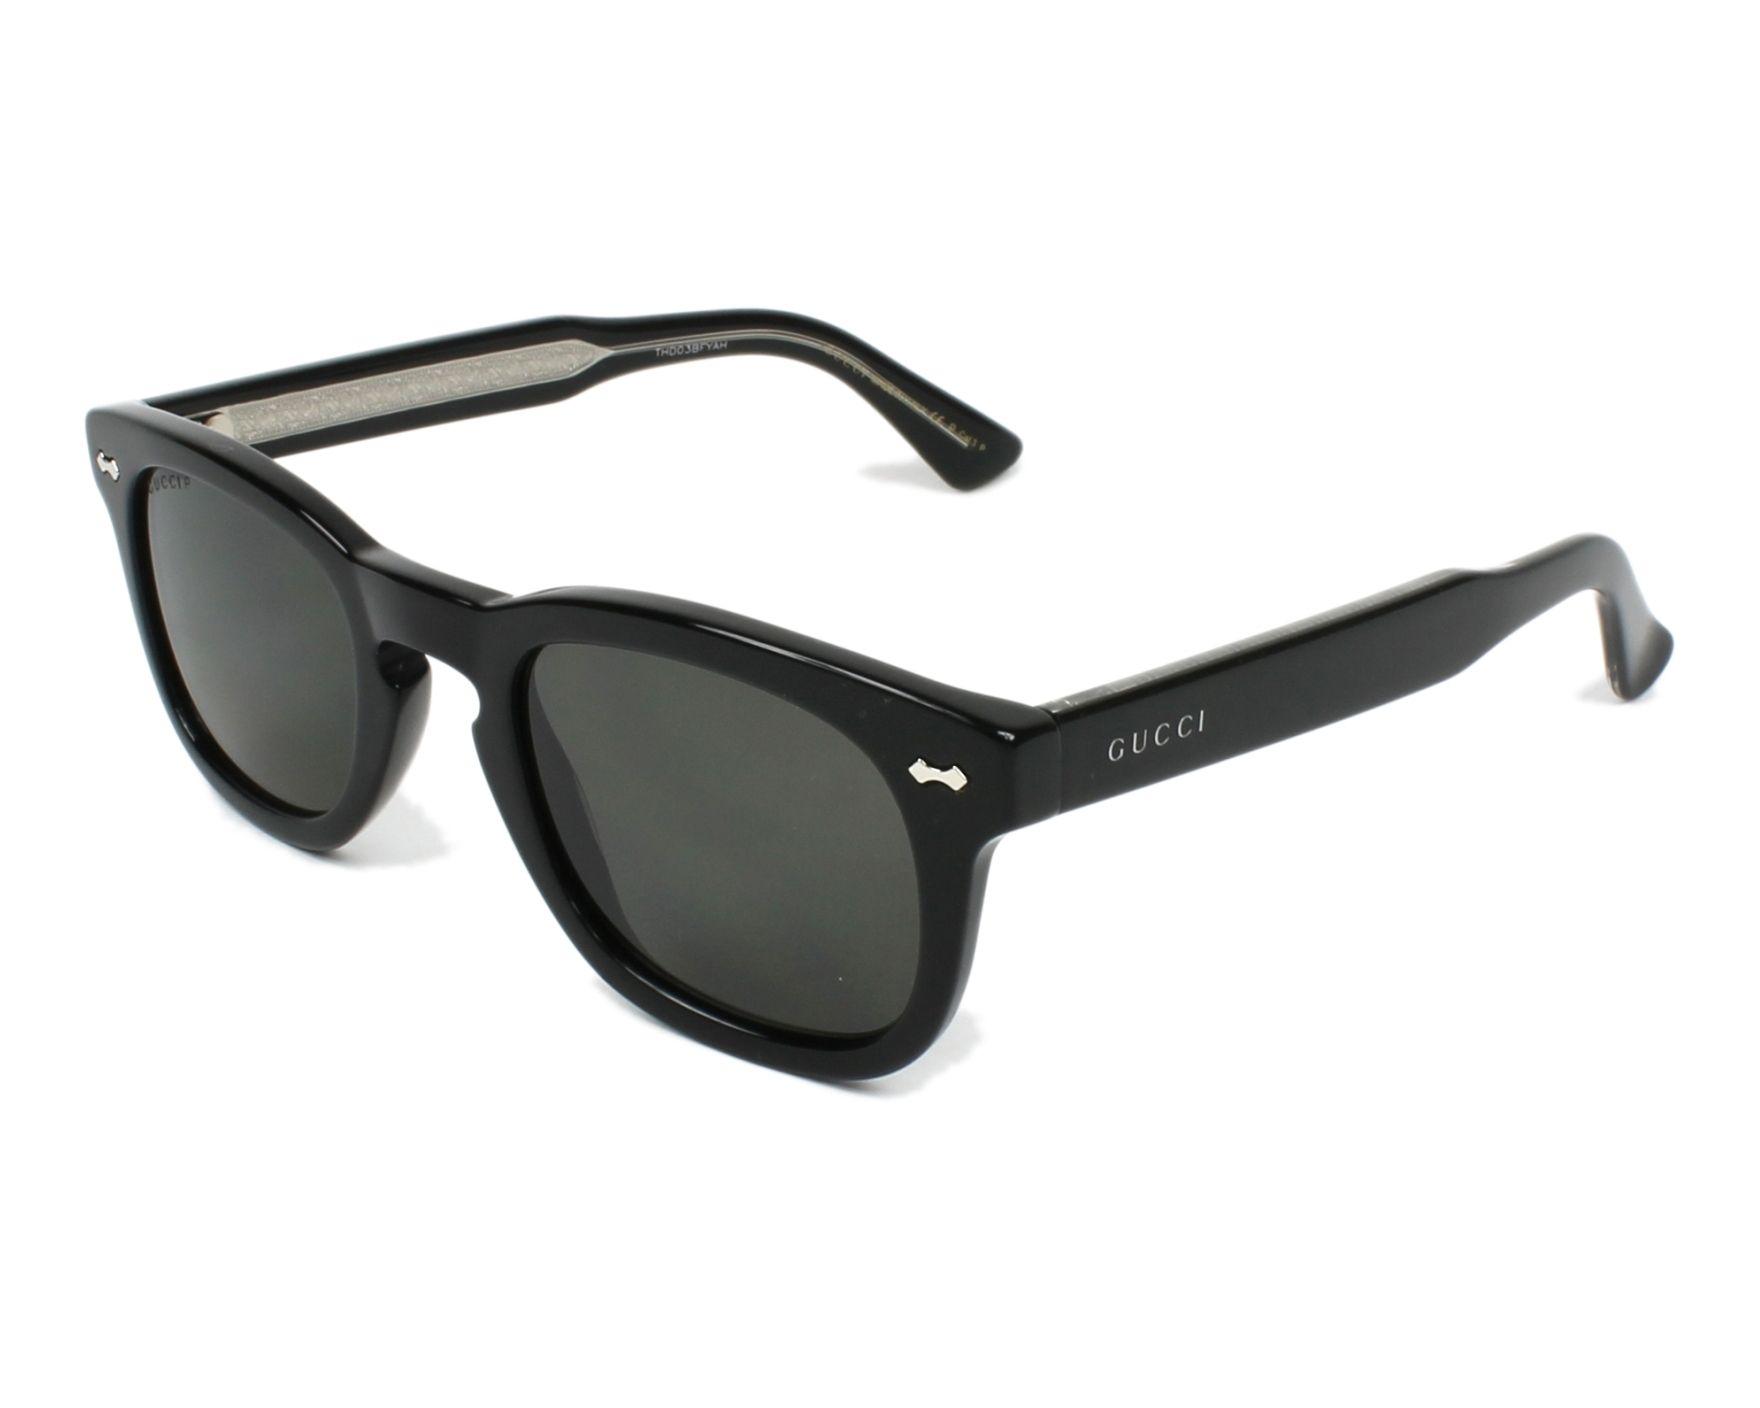 Gucci GG0182S Sonnenbrille Schwarz 001 49mm rOyOy9qbFt